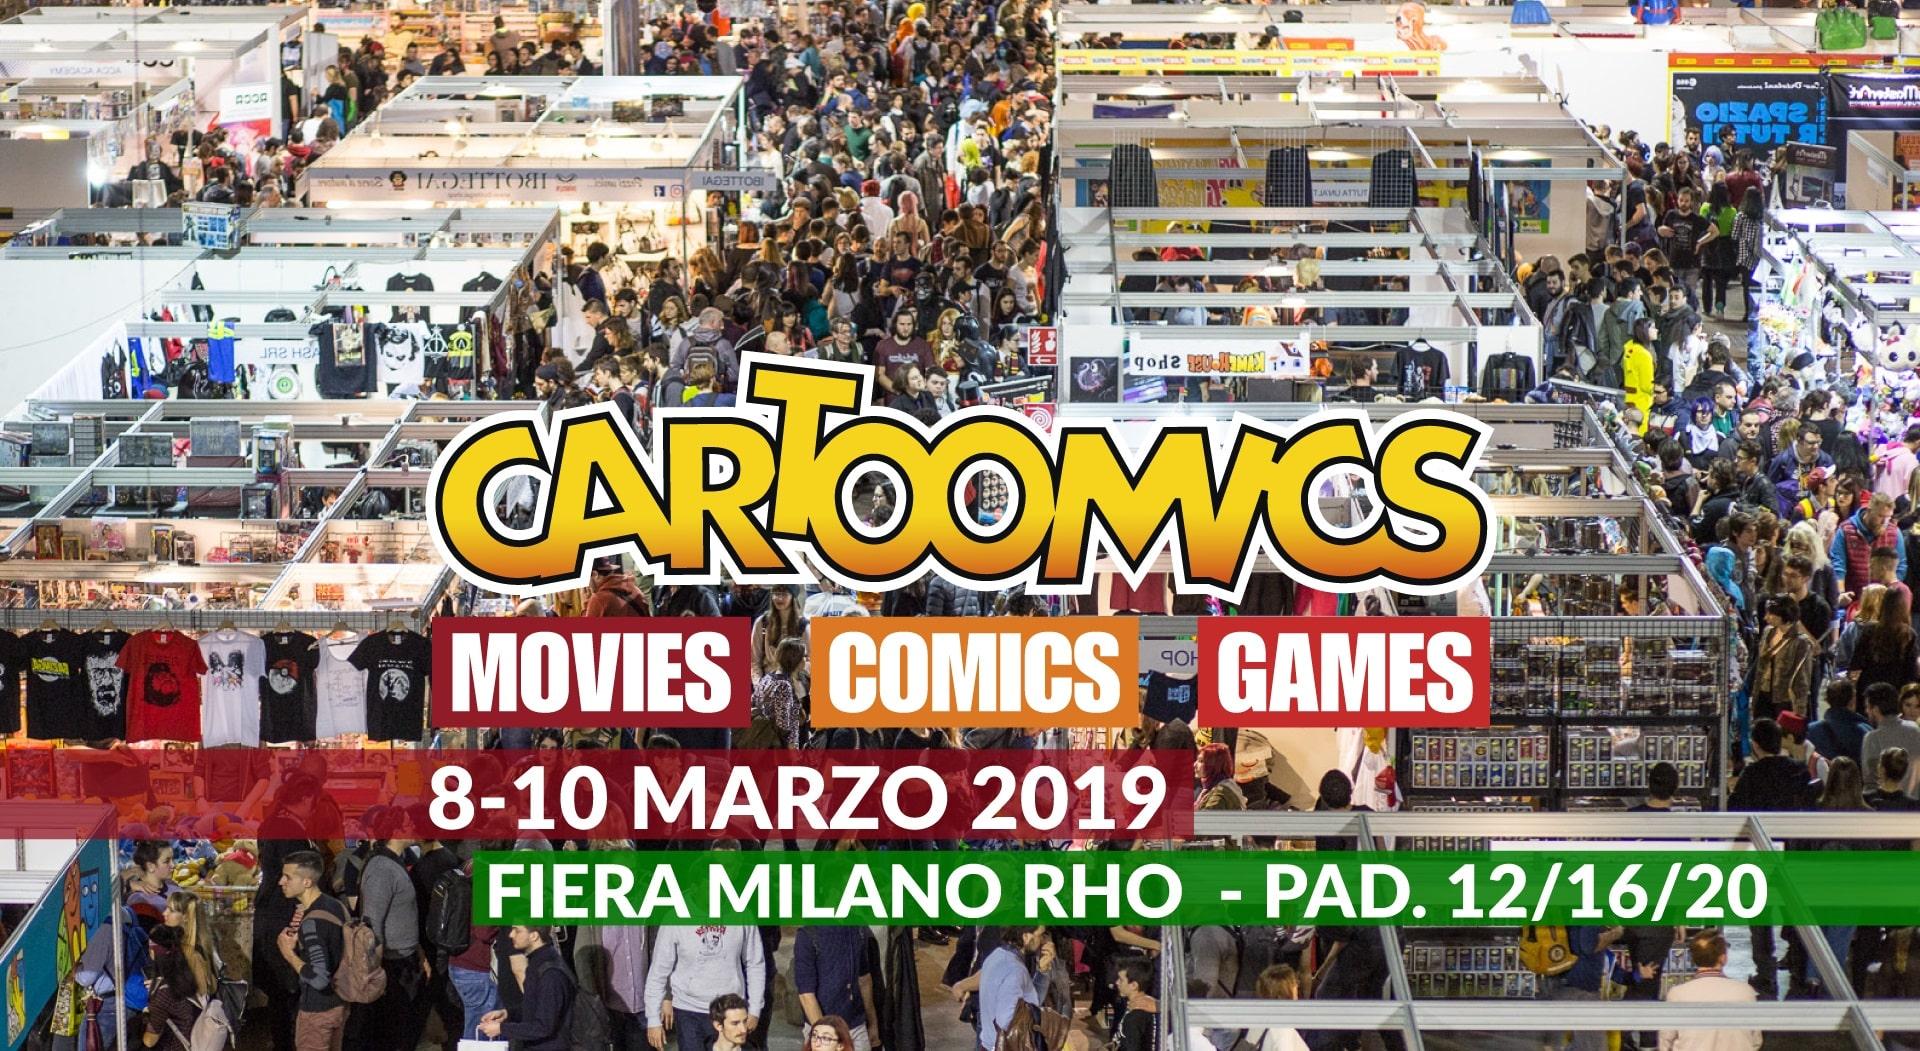 Cartoomics 2019: incontra lo staff di Toyzntech in fiera a Rho (Milano)